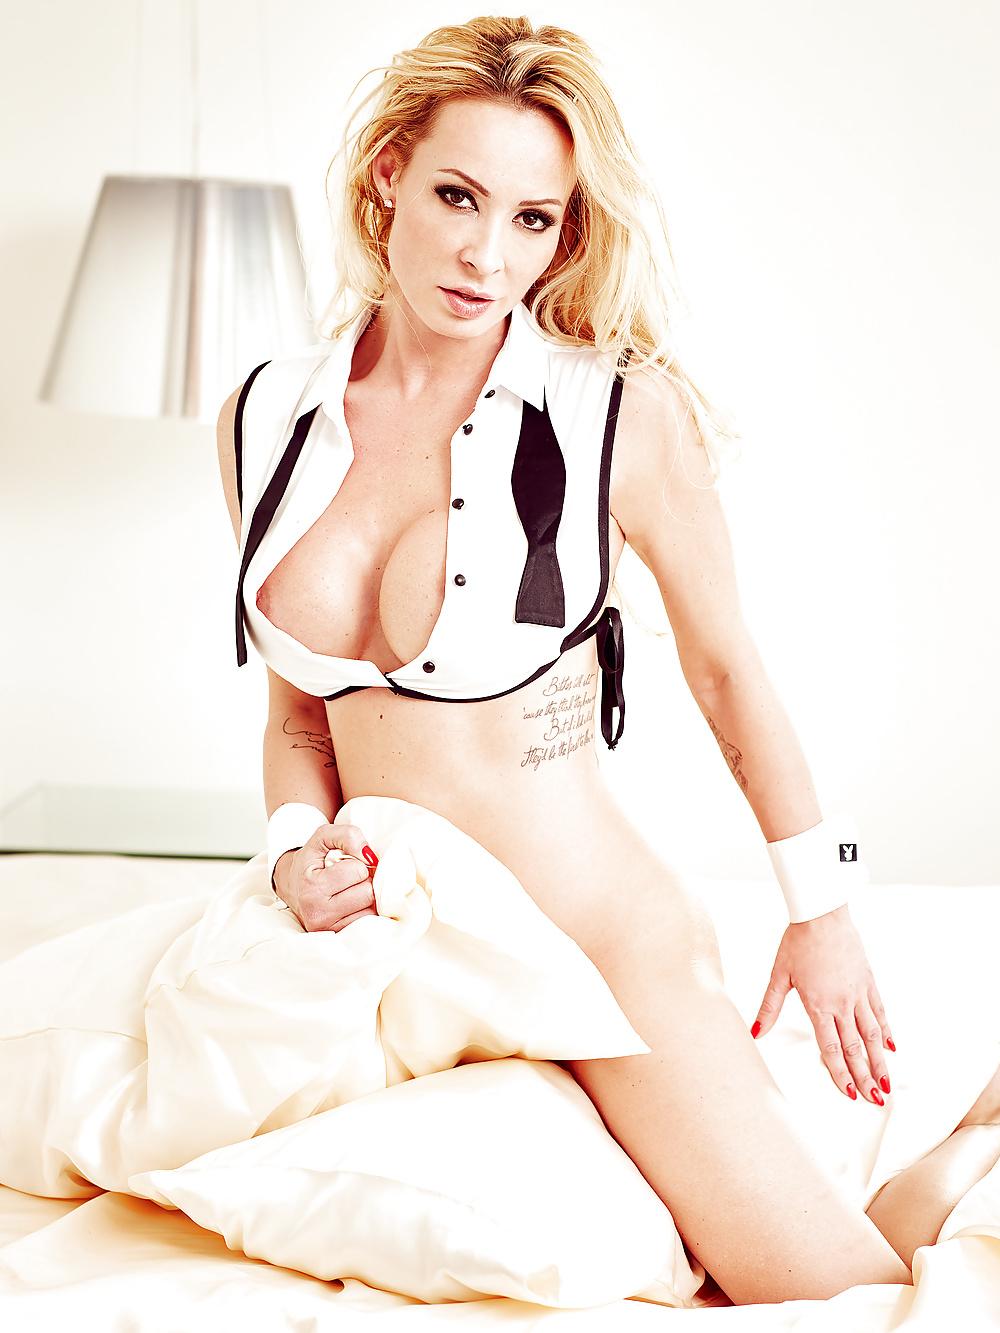 Cora Schumacher Hot